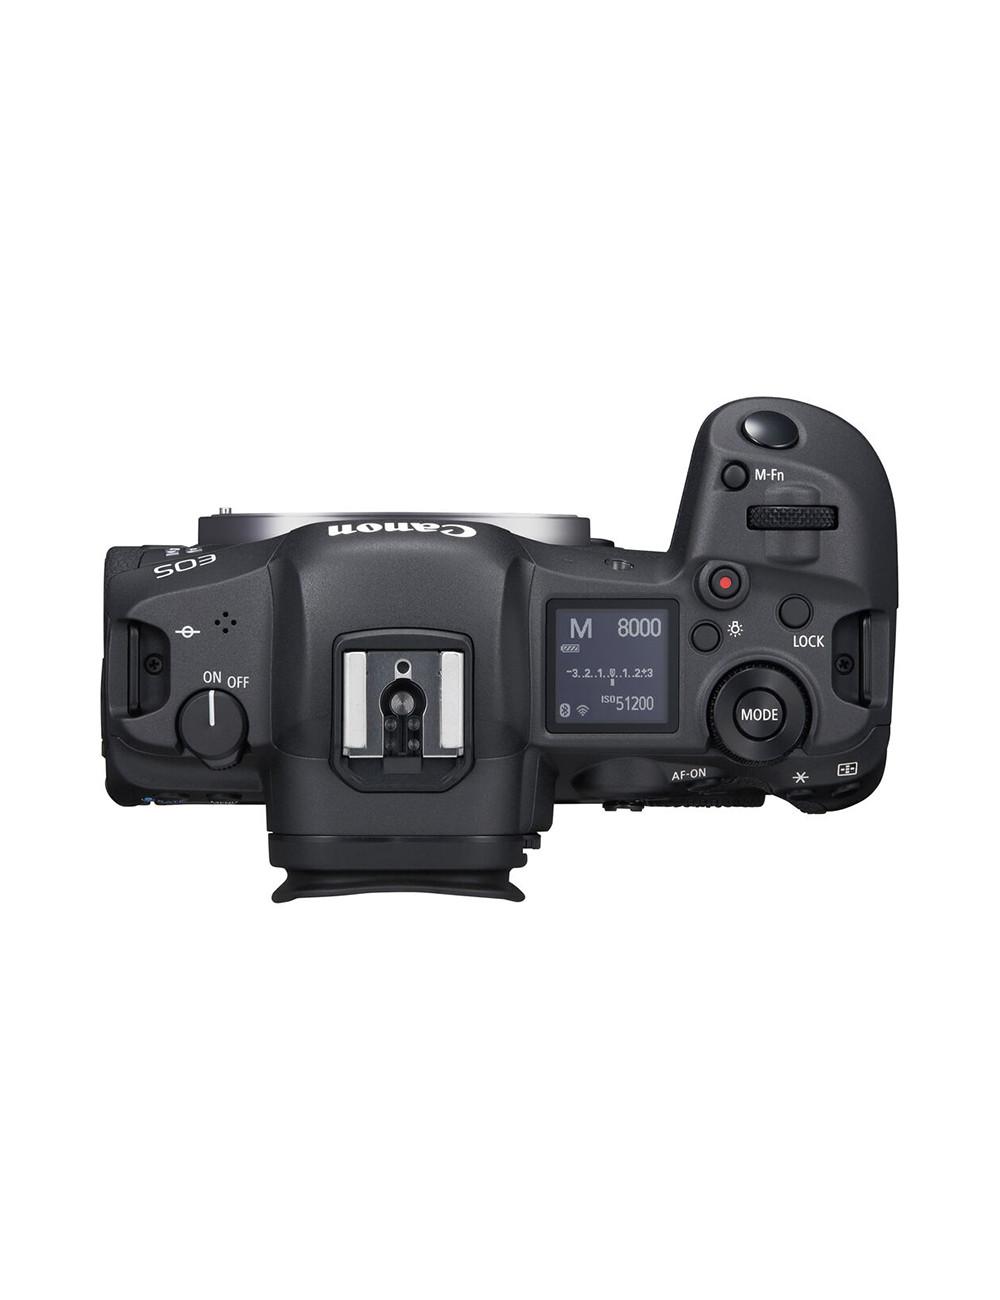 BY-WFM12 Micrófono Inalámbrico VHF para cámaras DSLR y Mirrorless